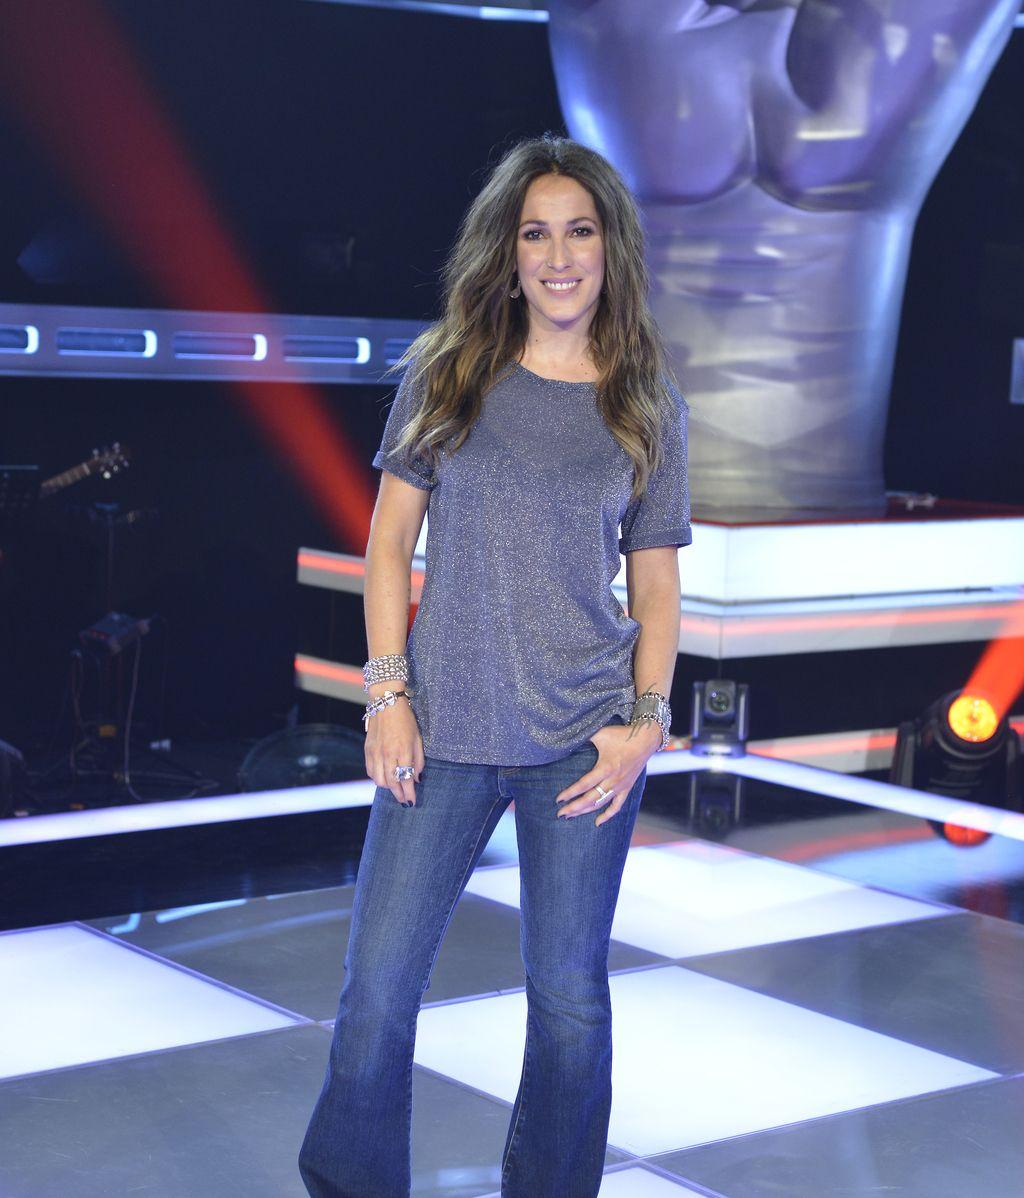 Malú, 'coach' de la quinta edición del programa de Telecinco 'La voz'